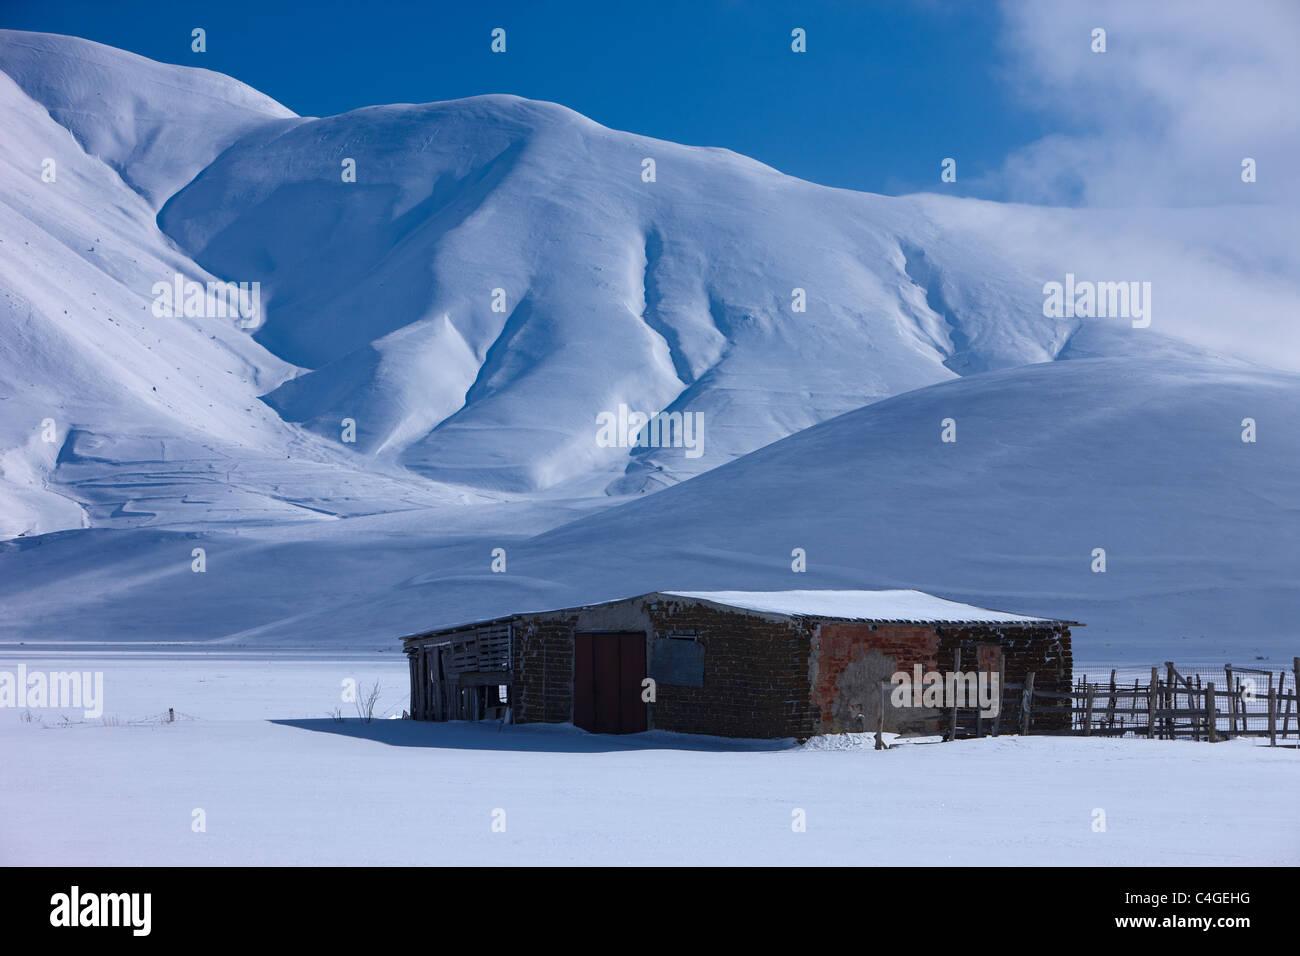 the Piano Grande in winter, Monti Sibillini National Park, Umbria, Italy Stock Photo